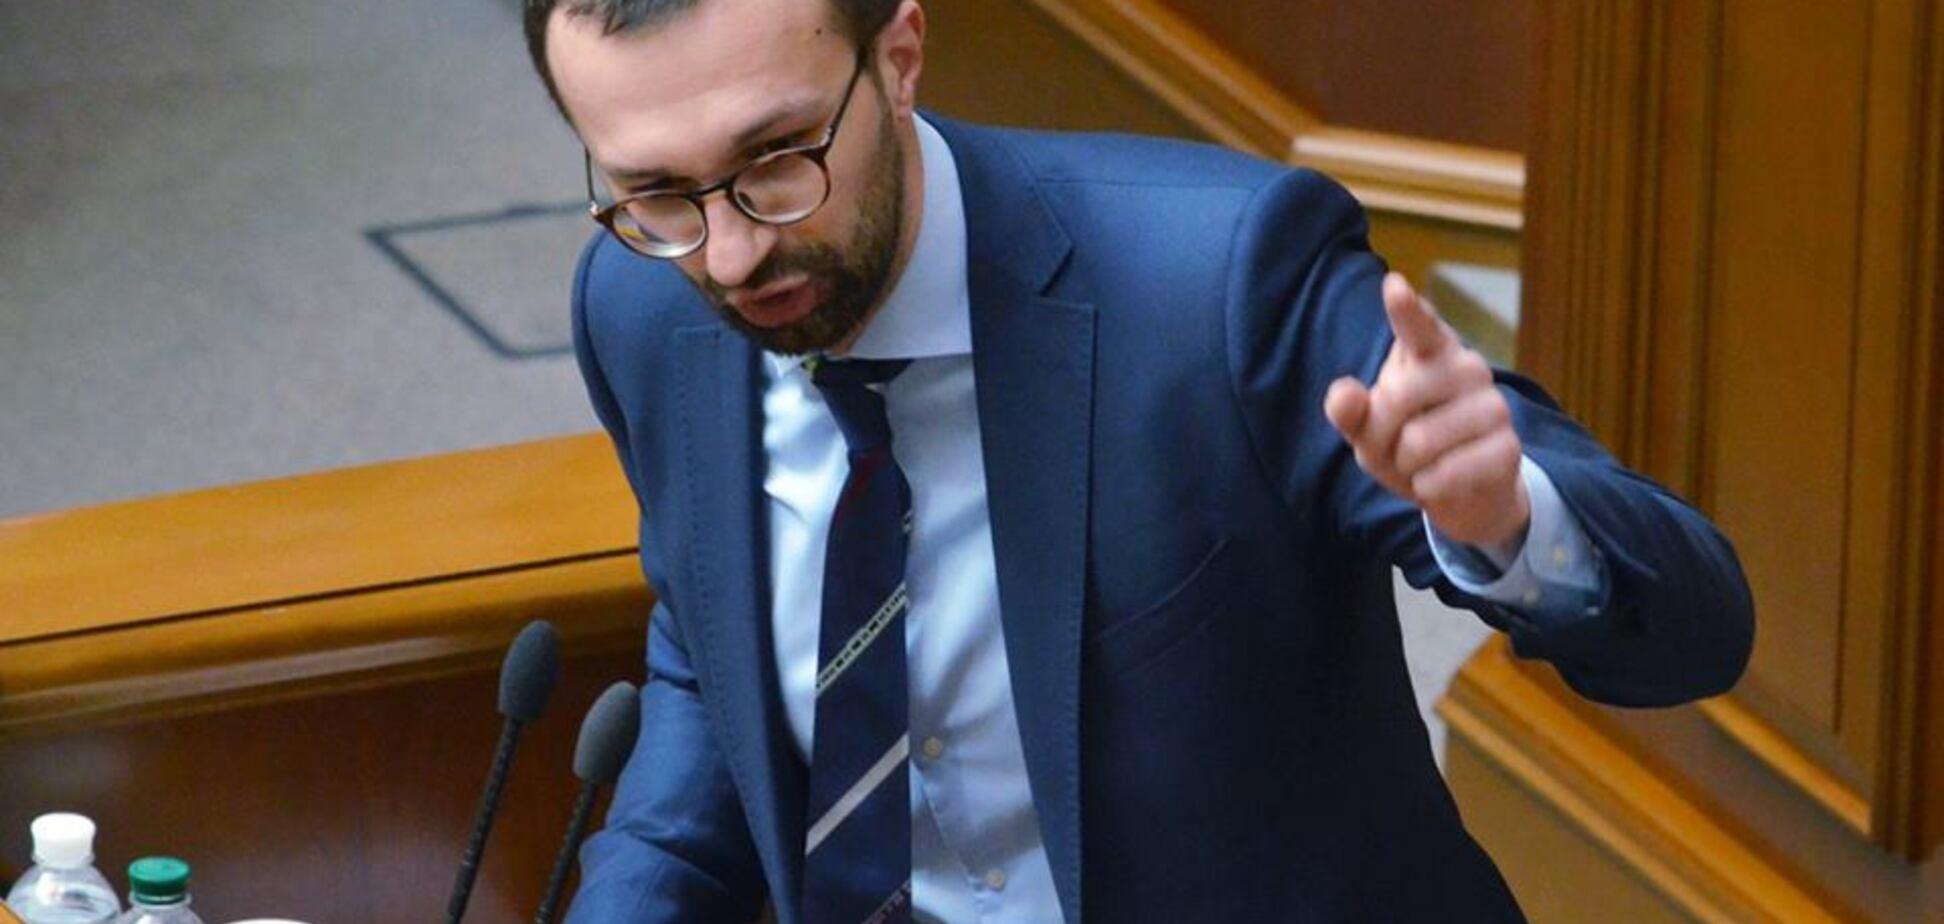 Квартира за 7,5 млн: НАБУ взялось за Лещенко